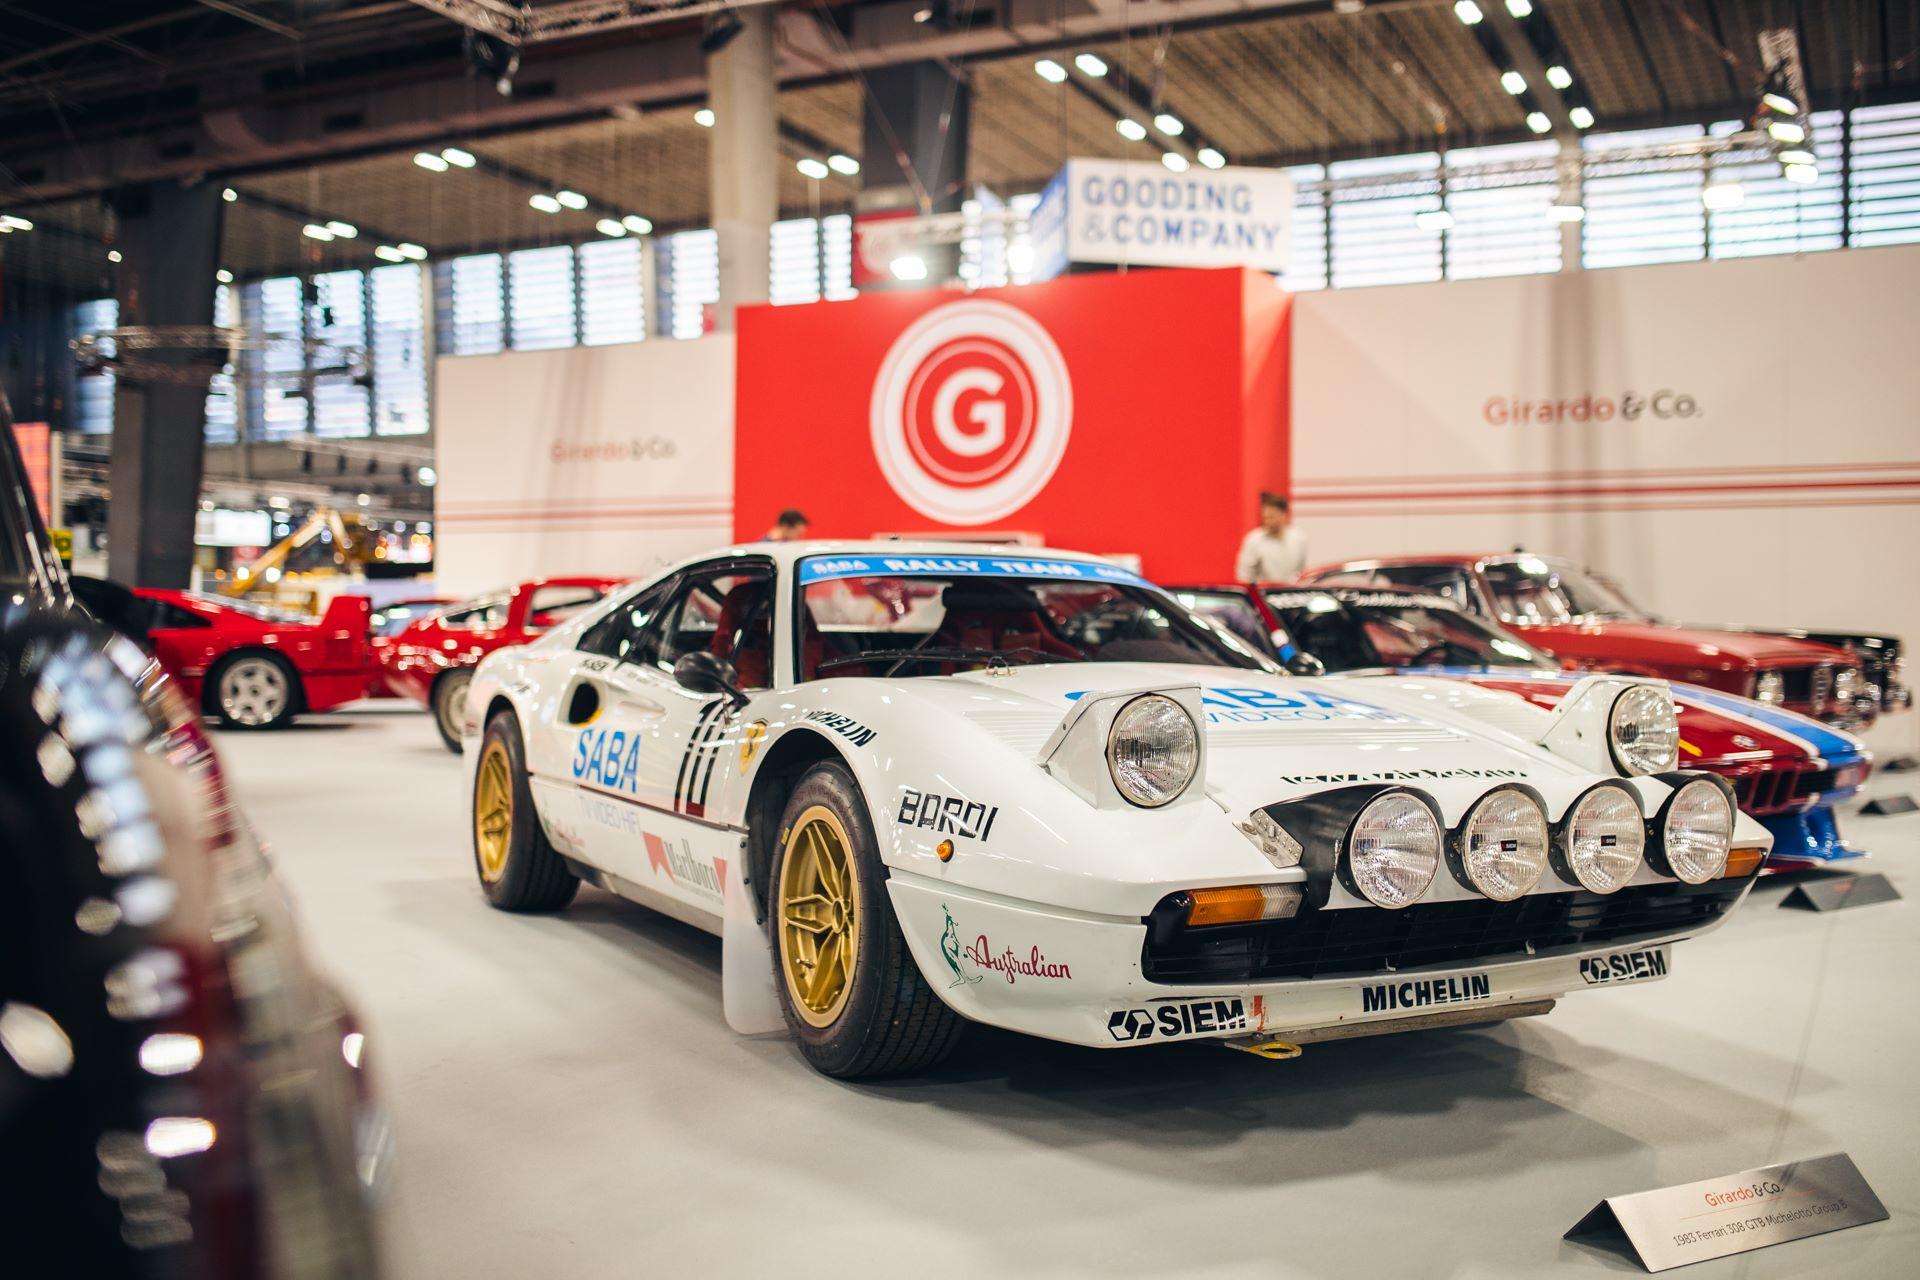 Ferrari-308-GTB-Michelotto-Group-B-for-sale-1